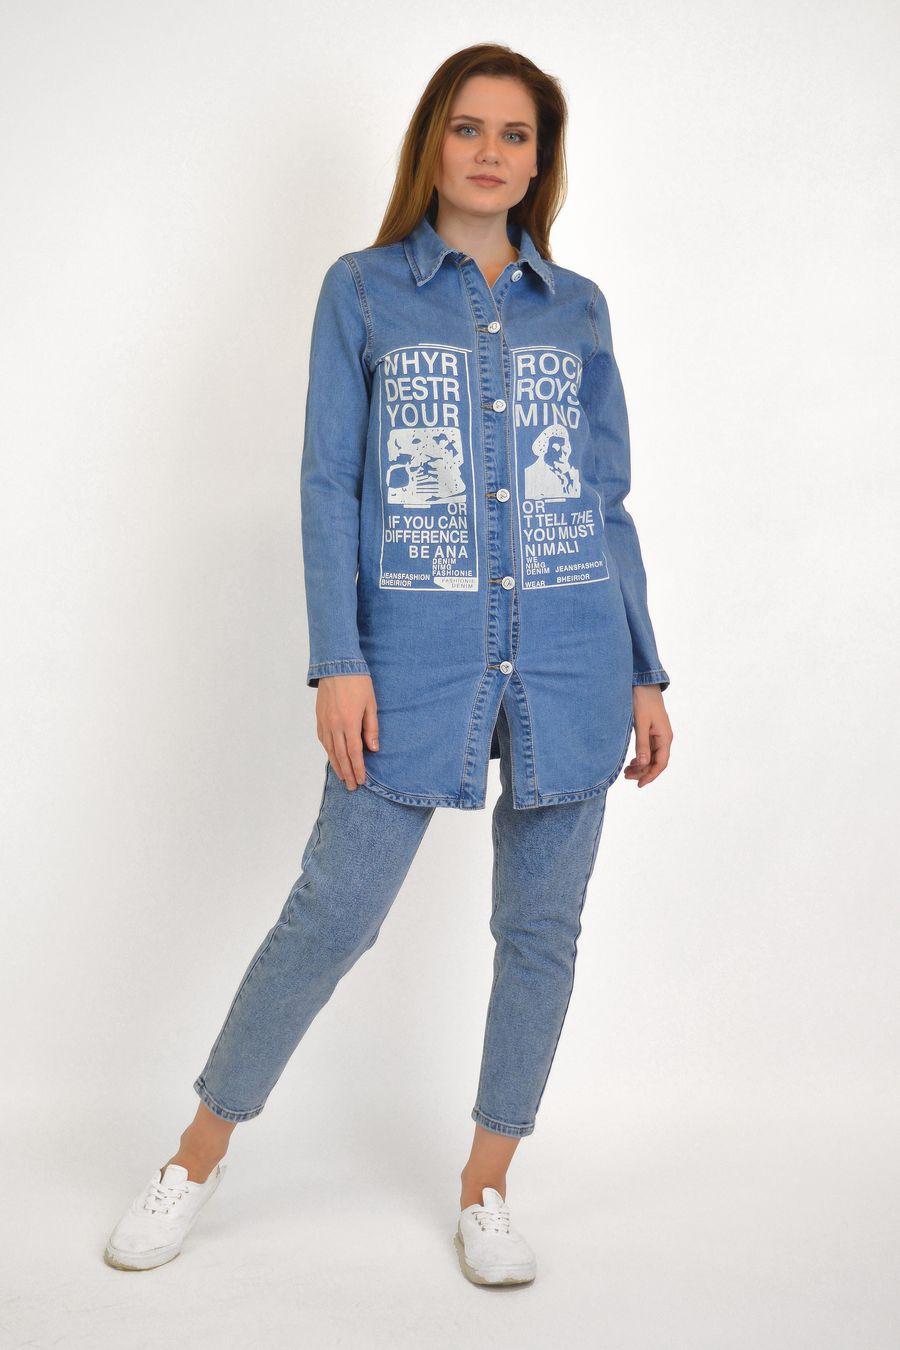 Рубашка женская Baccino 637 джинсовая - фото 2